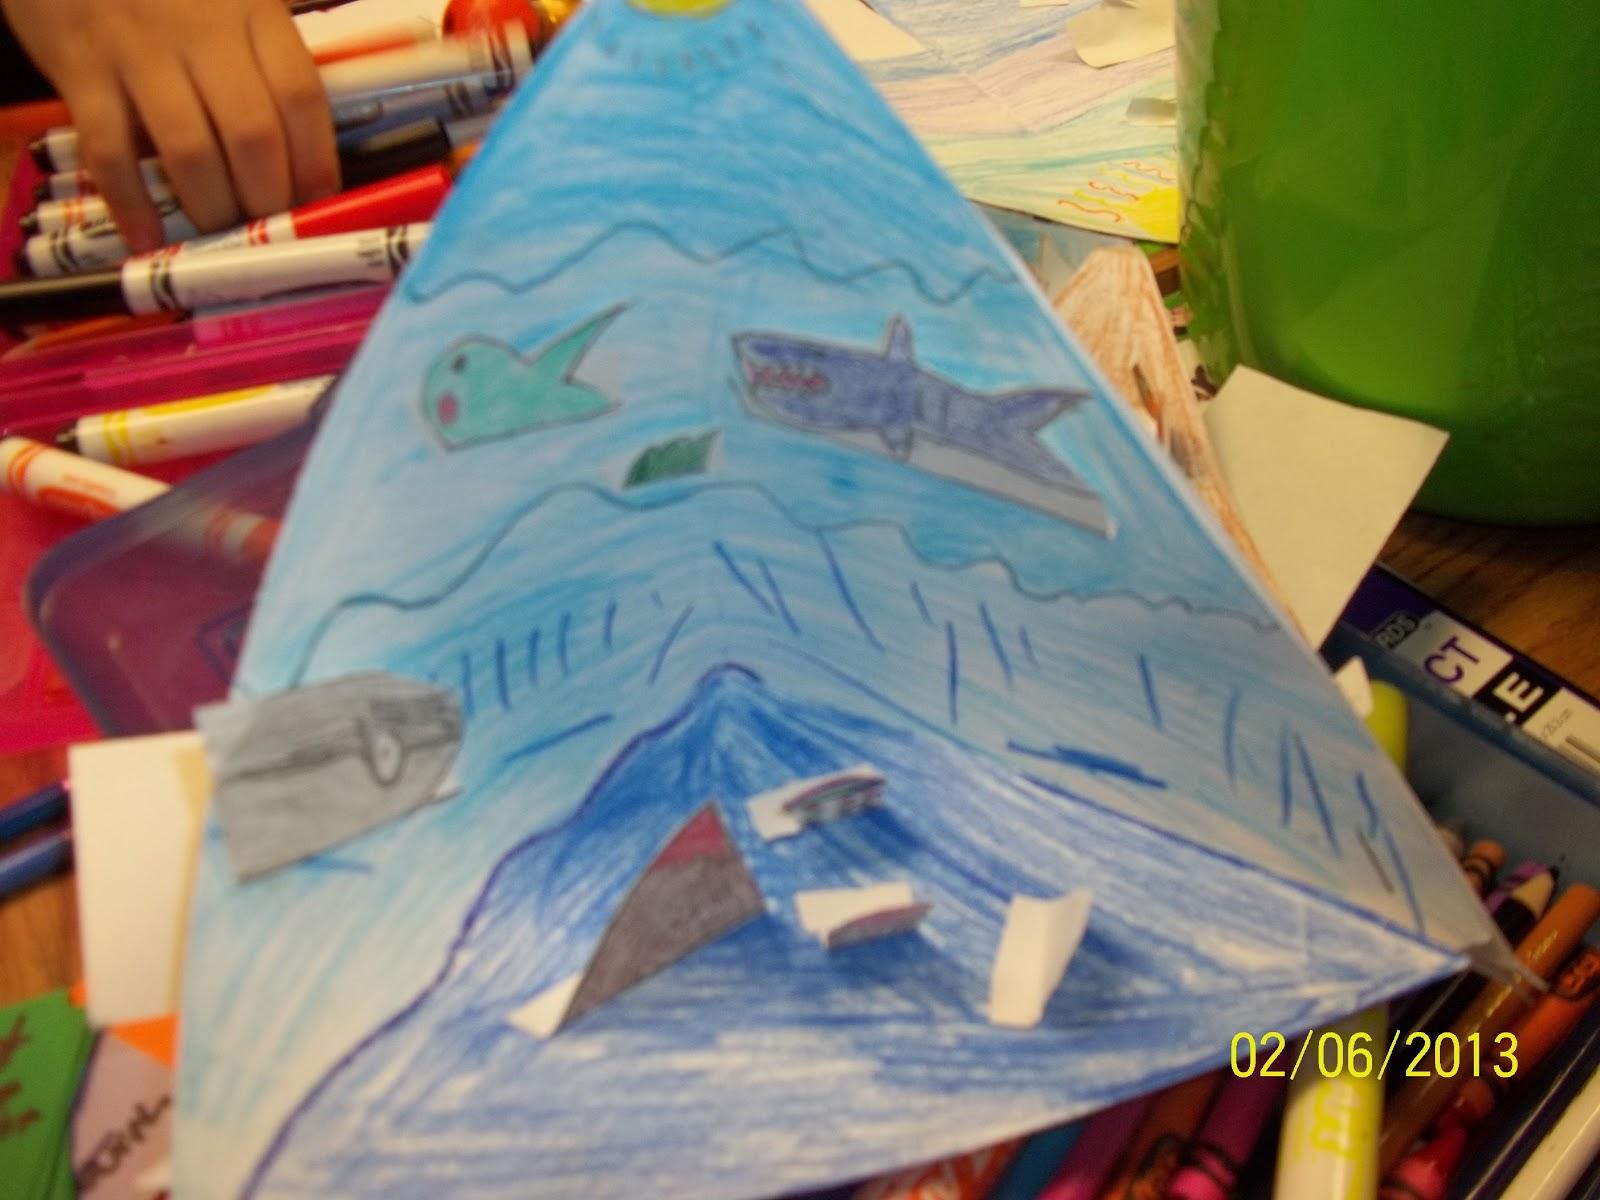 http://3.bp.blogspot.com/-IjmZO3T3B7s/URlSRgnjlWI/AAAAAAAAAXY/etCrzJtNNPo/s1600/Ocean+Habitat+2.jpg